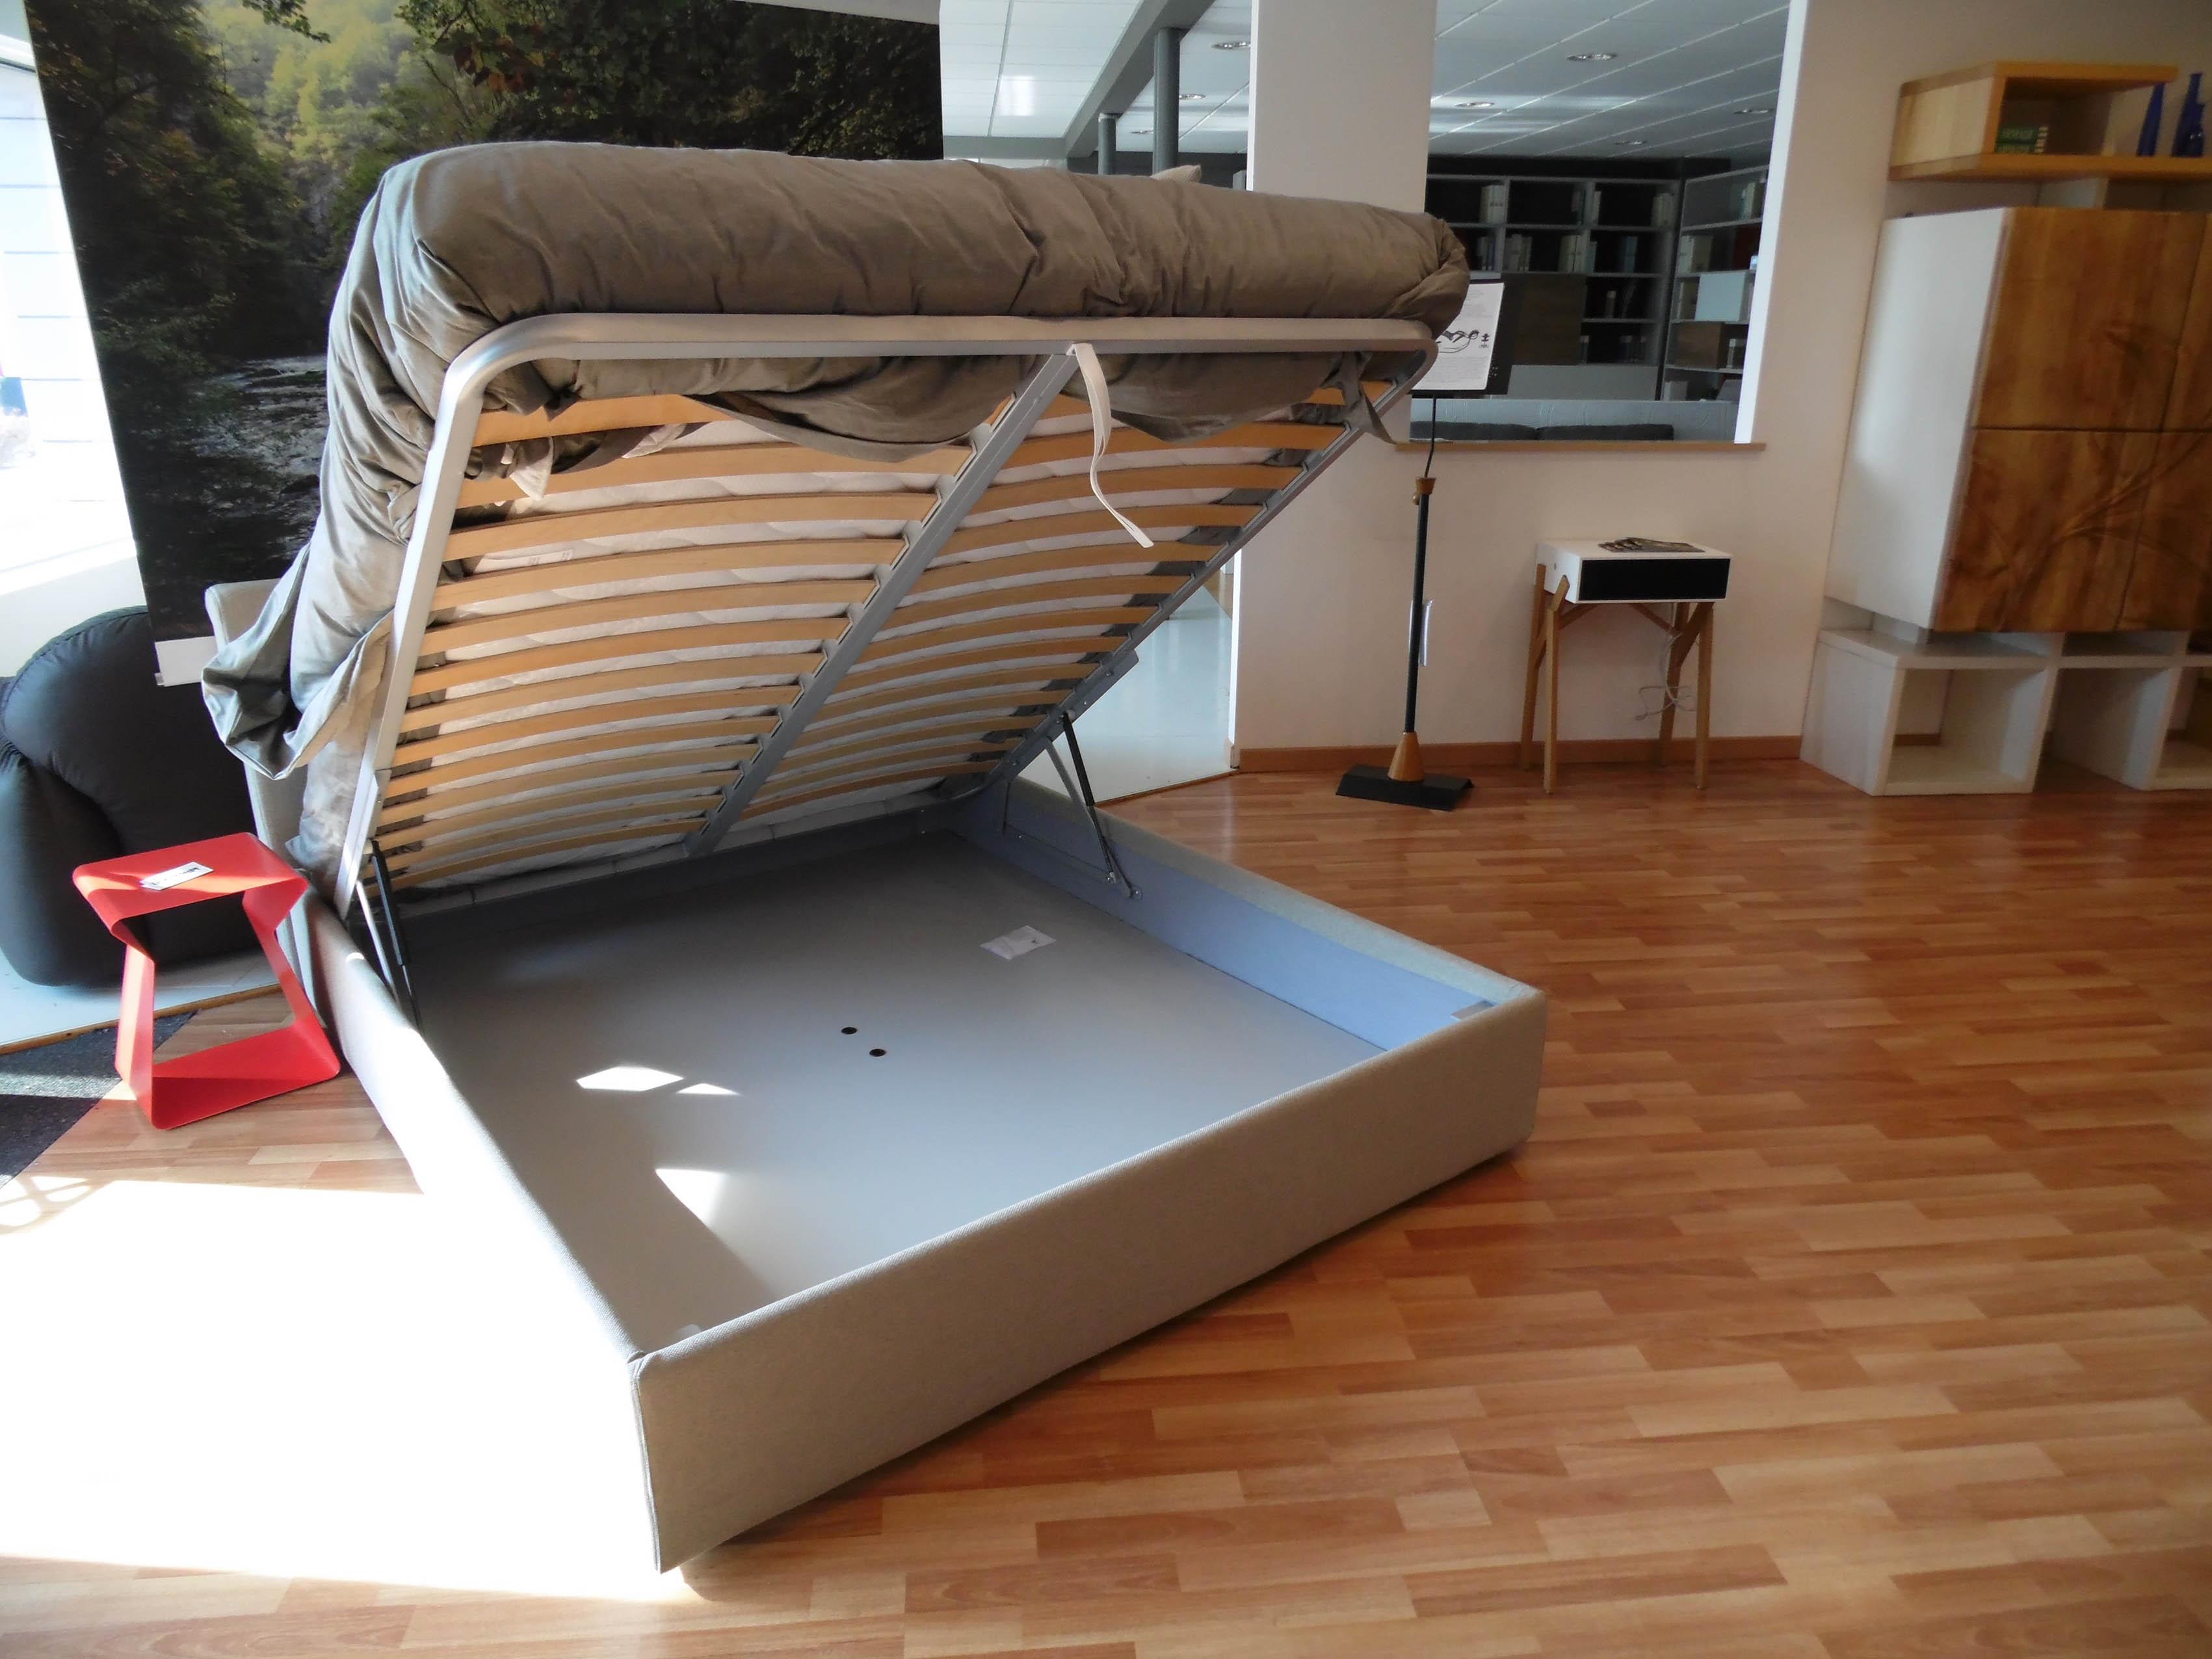 Letto con contenitore crippa divani letti elios scontato del 50 letti a prezzi scontati - Divani letto con contenitore ...